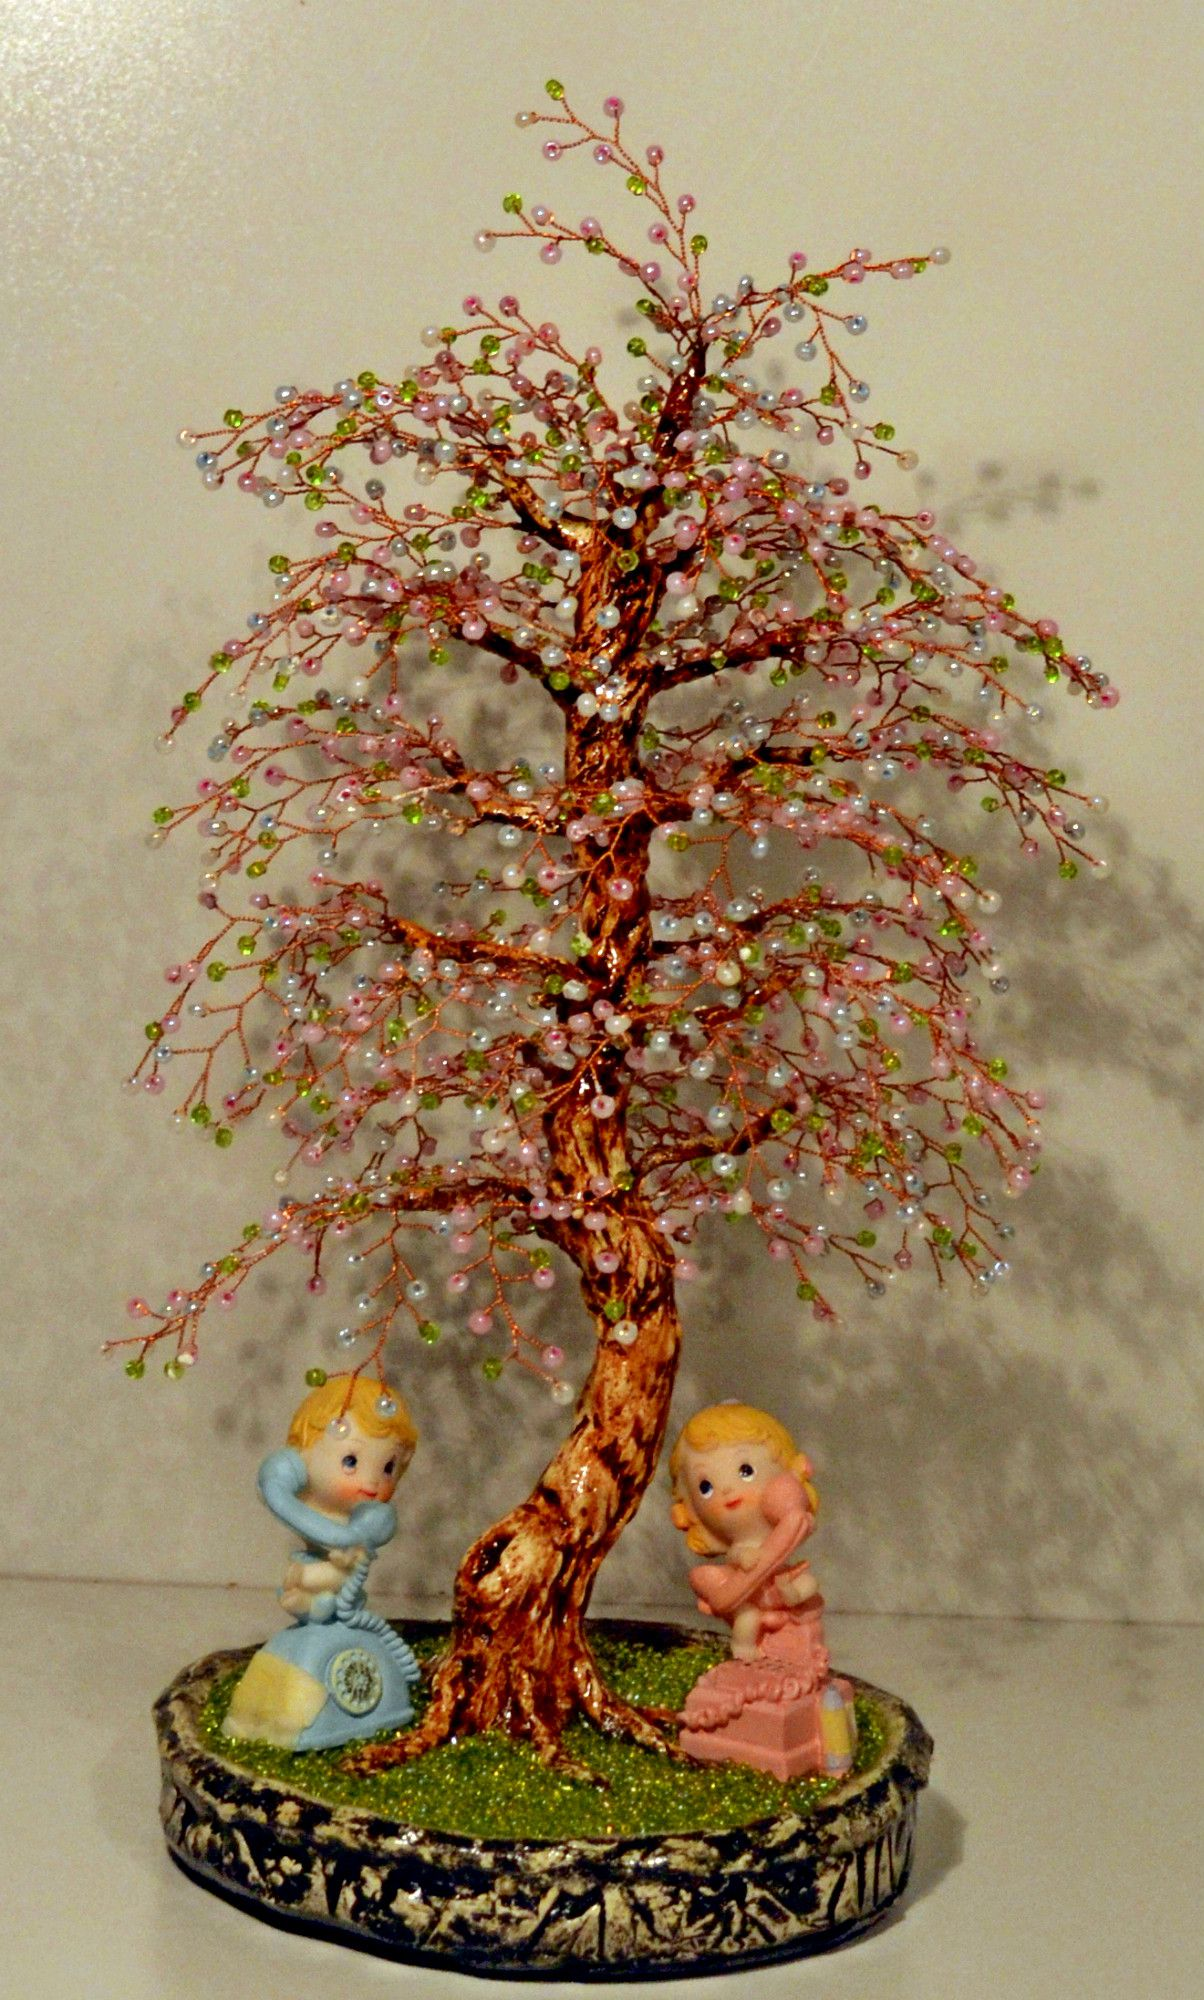 весна сувенир дерево 8марта бисер малыши подарок